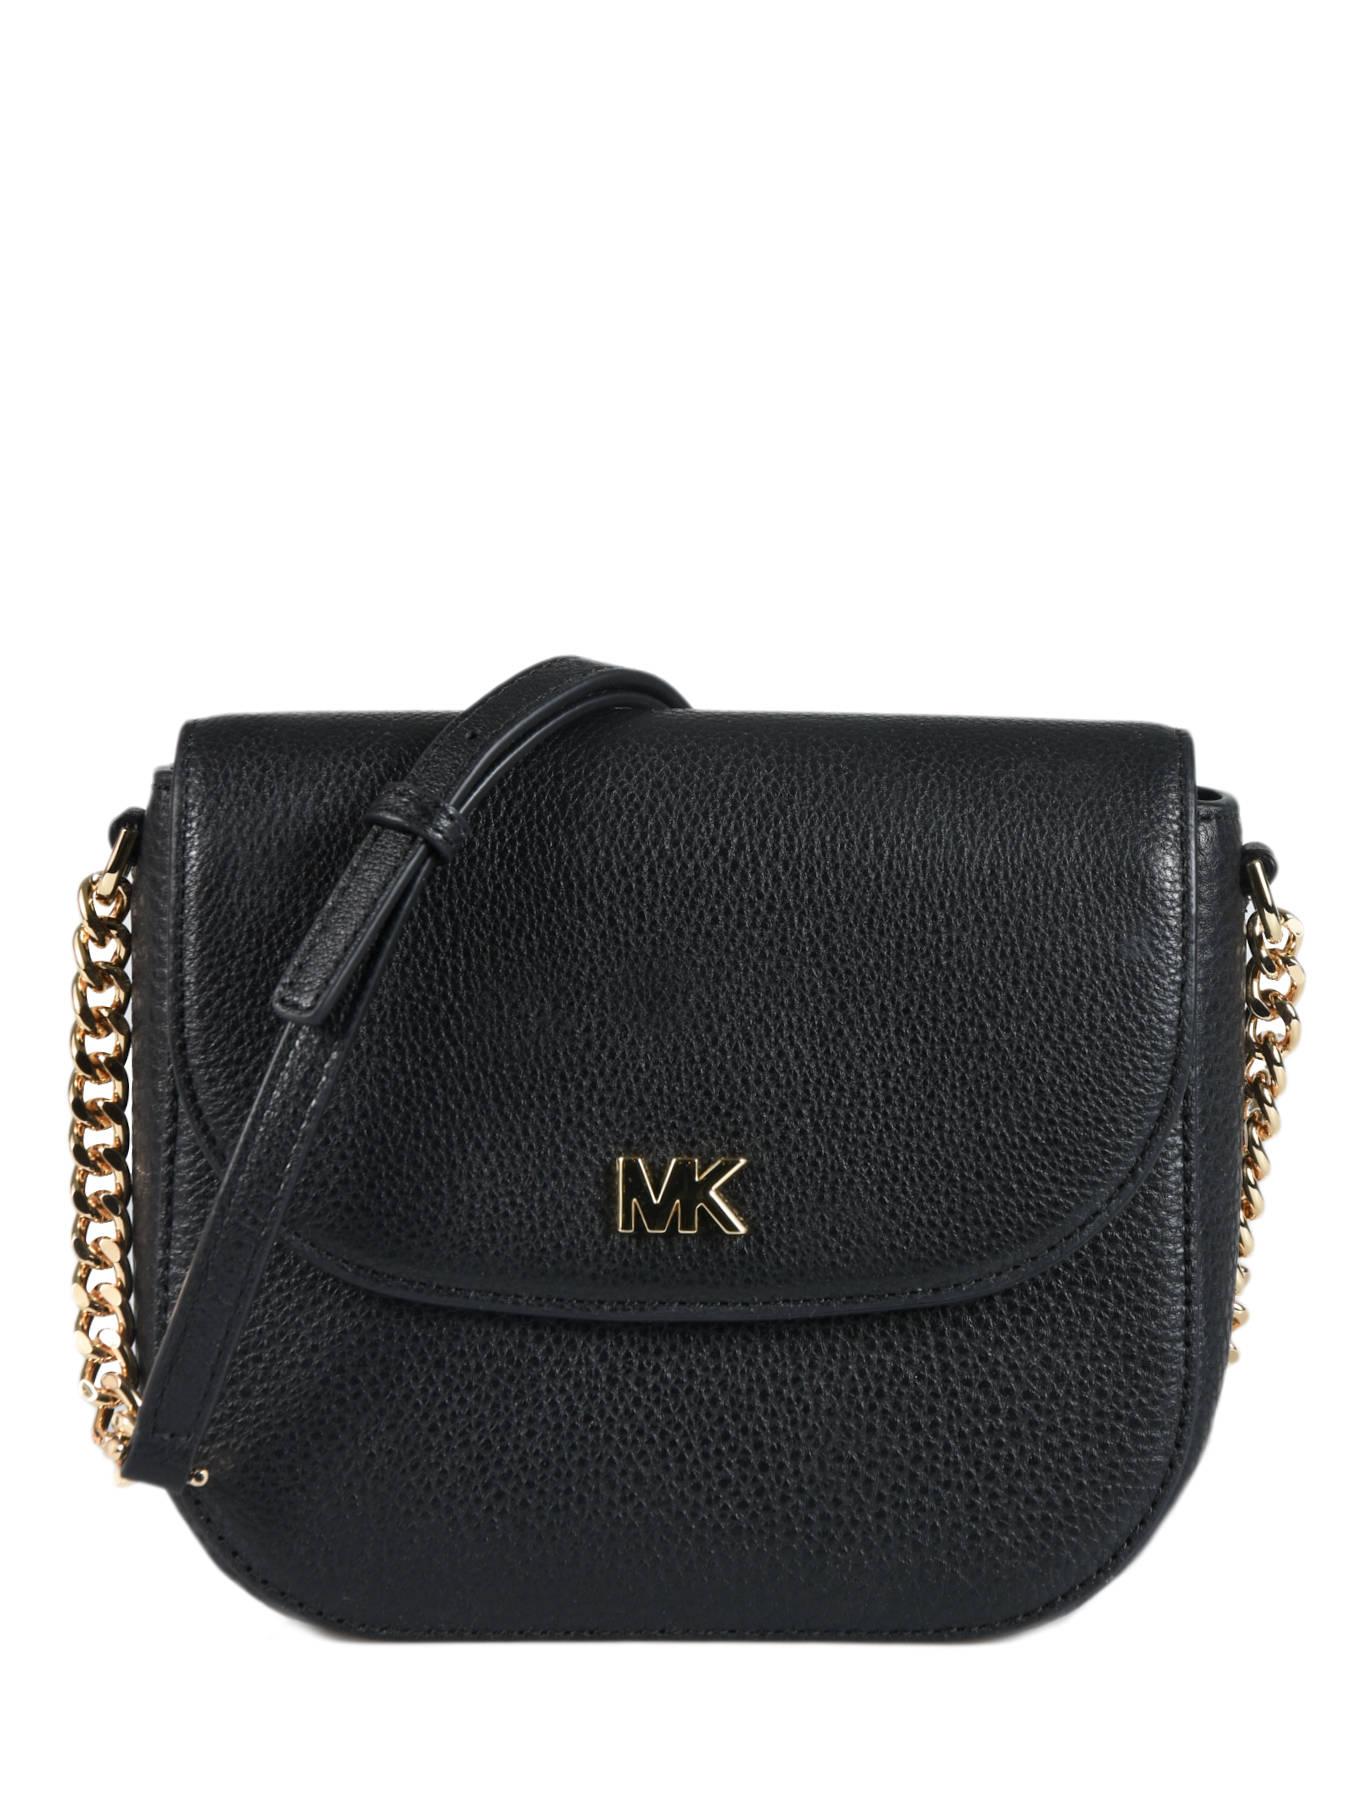 Mott Leather Crossbody Bag Michael Kors